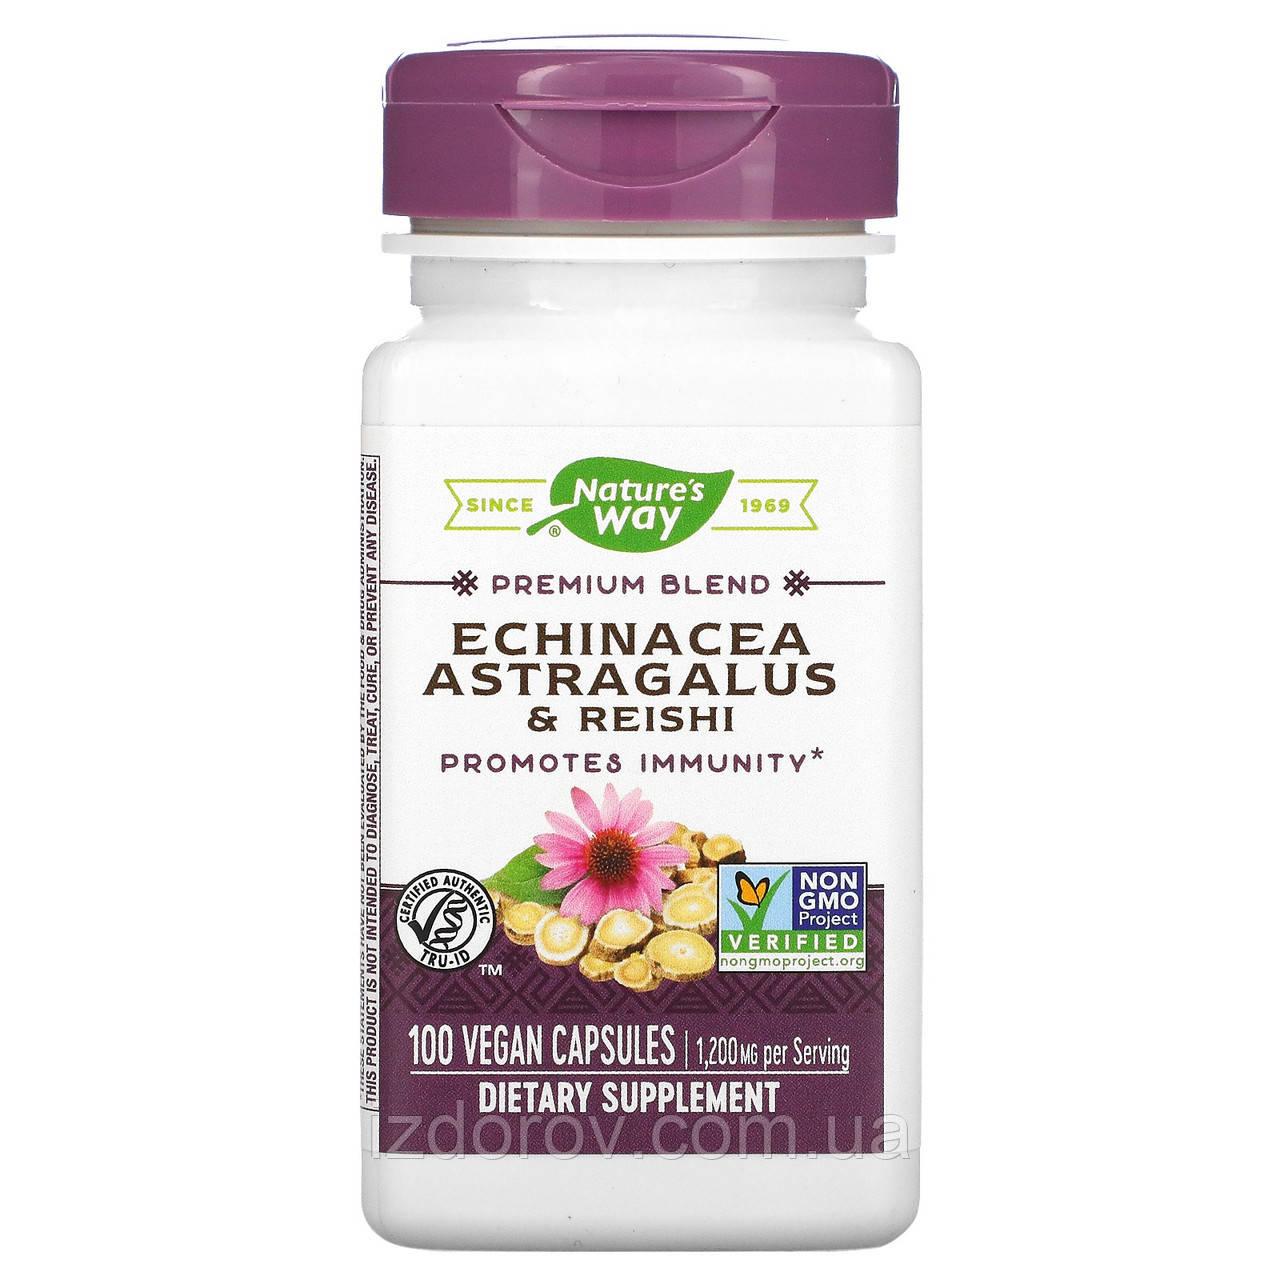 Nature's Way, Ехінацея, астрагал і рейші, для підвищення імунітету та профілактики застуд, 400 мг, 100 капсул